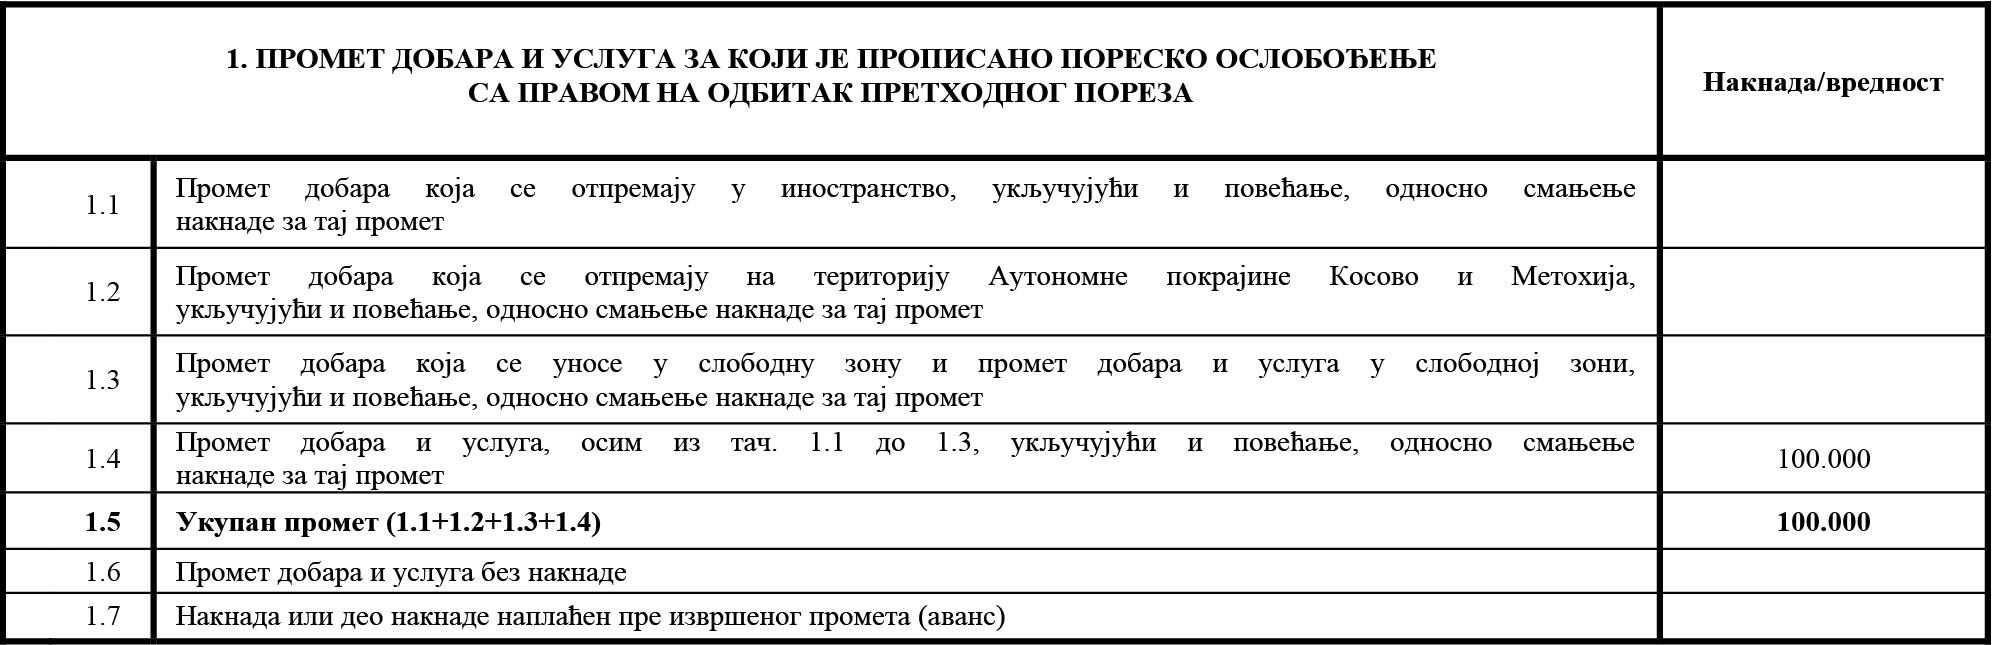 uputstvo PU obrazac POPDV primer 12 - 2.1